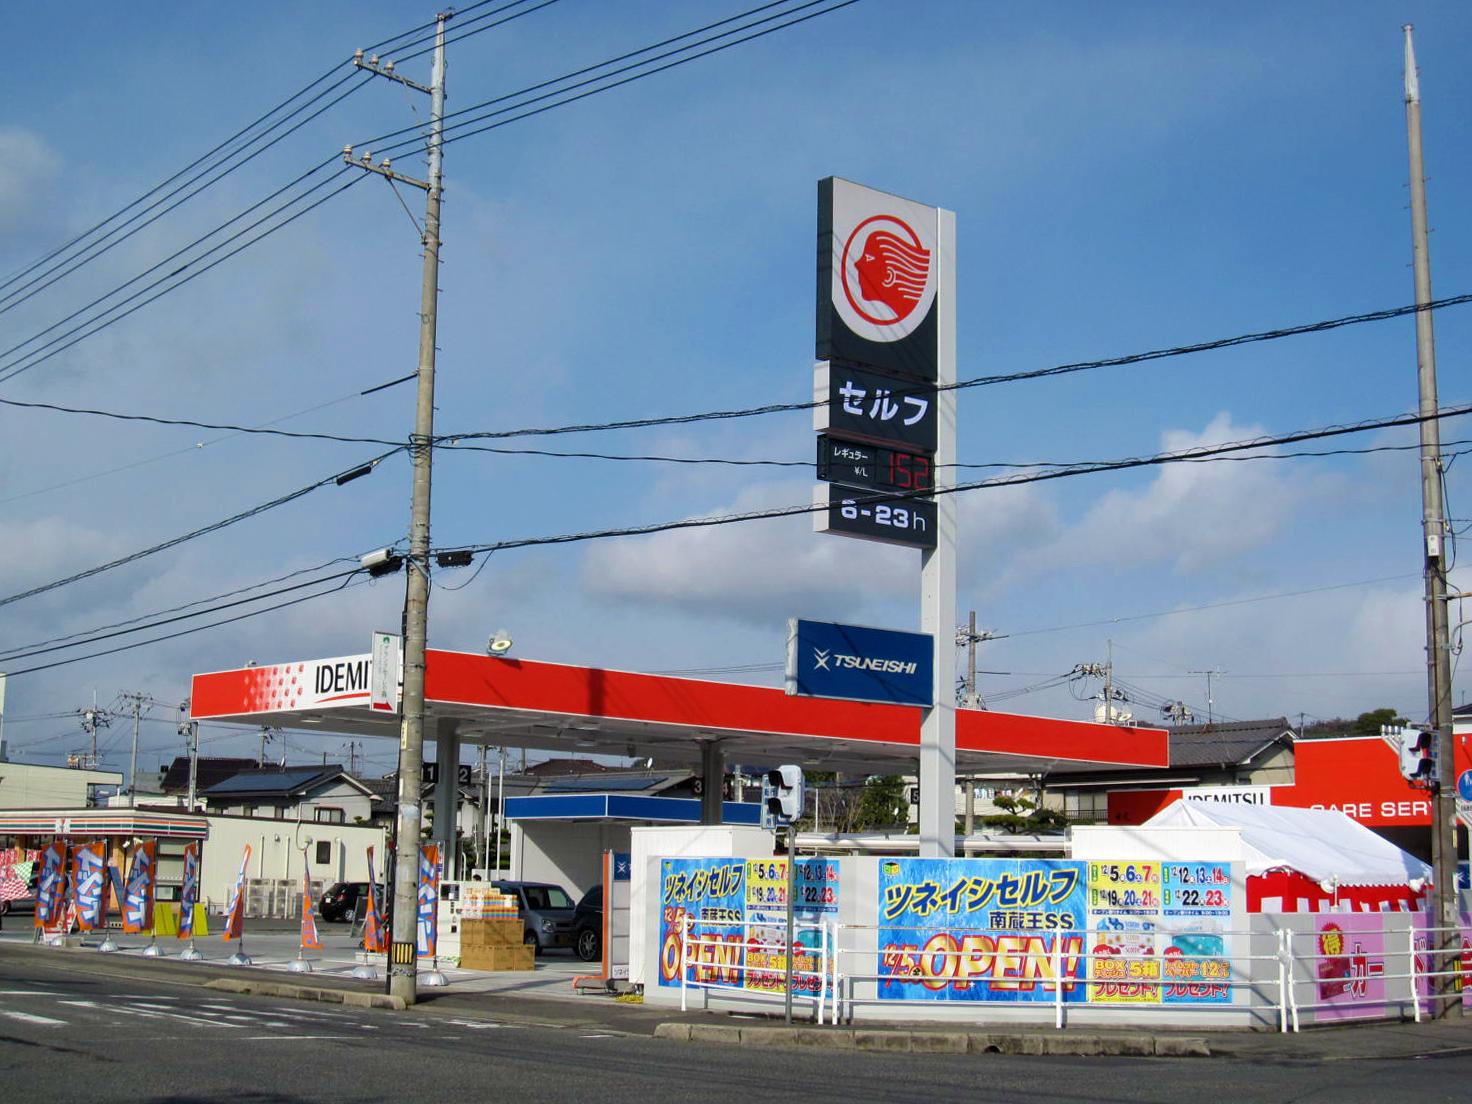 オープンを記念し12月5日(金)~12月23日(火・祝)の期間中日替わりでご来店プレゼント!